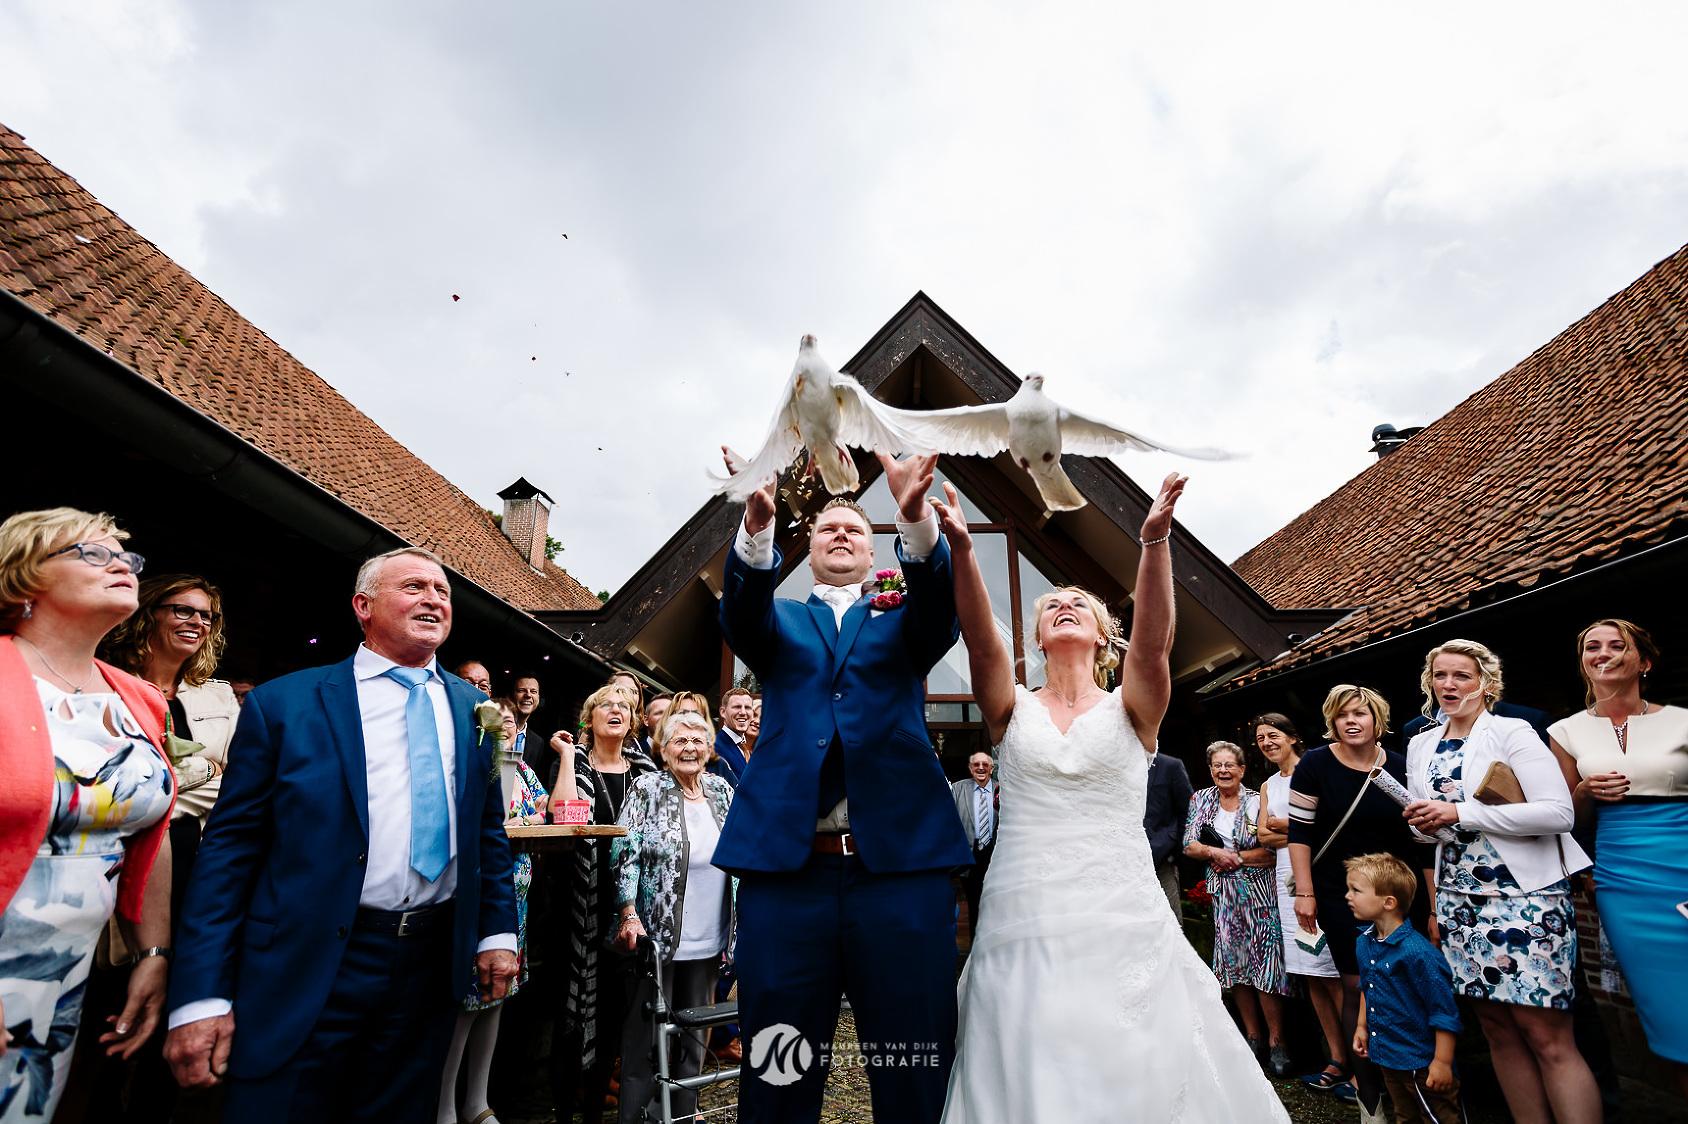 Trouwen - Nieuws - Trouwlocatie - Bruiloft